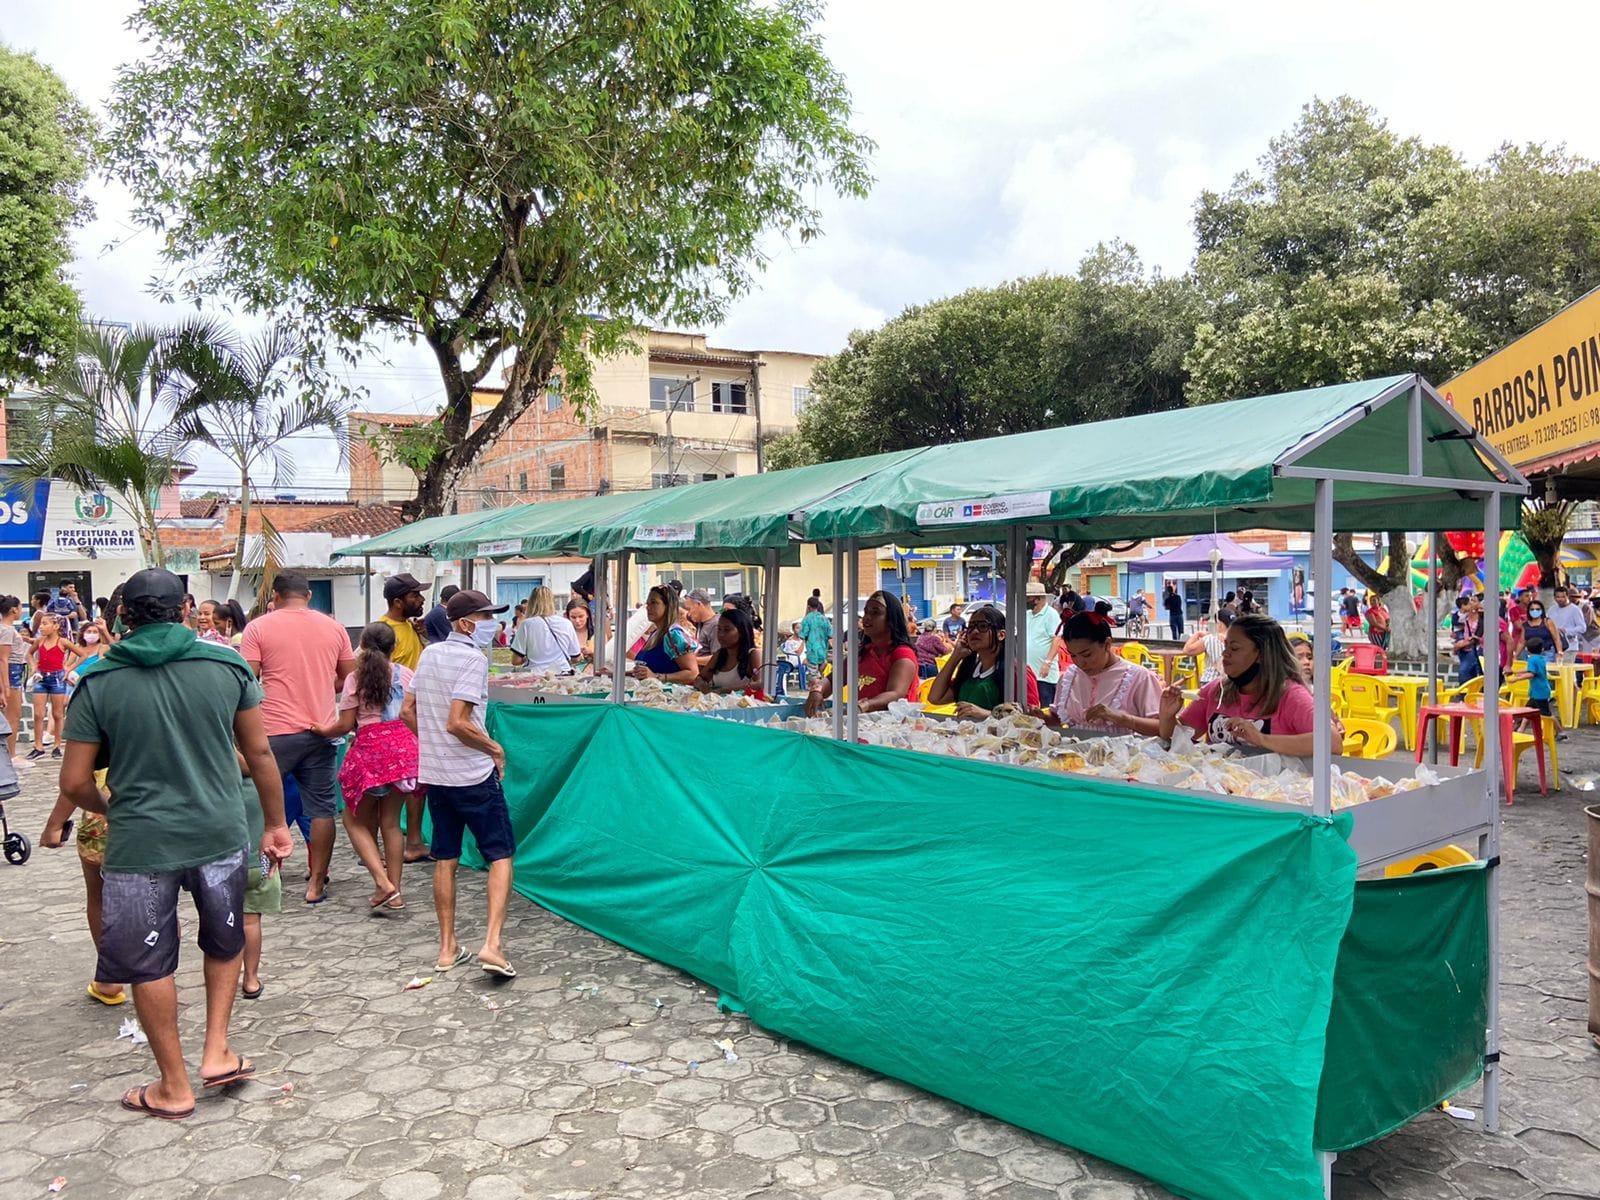 Evento É Dia de Brincar resgata brincadeiras tradicionais e já é considerado maior ação social de Dia das Crianças já realizada em Itagimirim 37